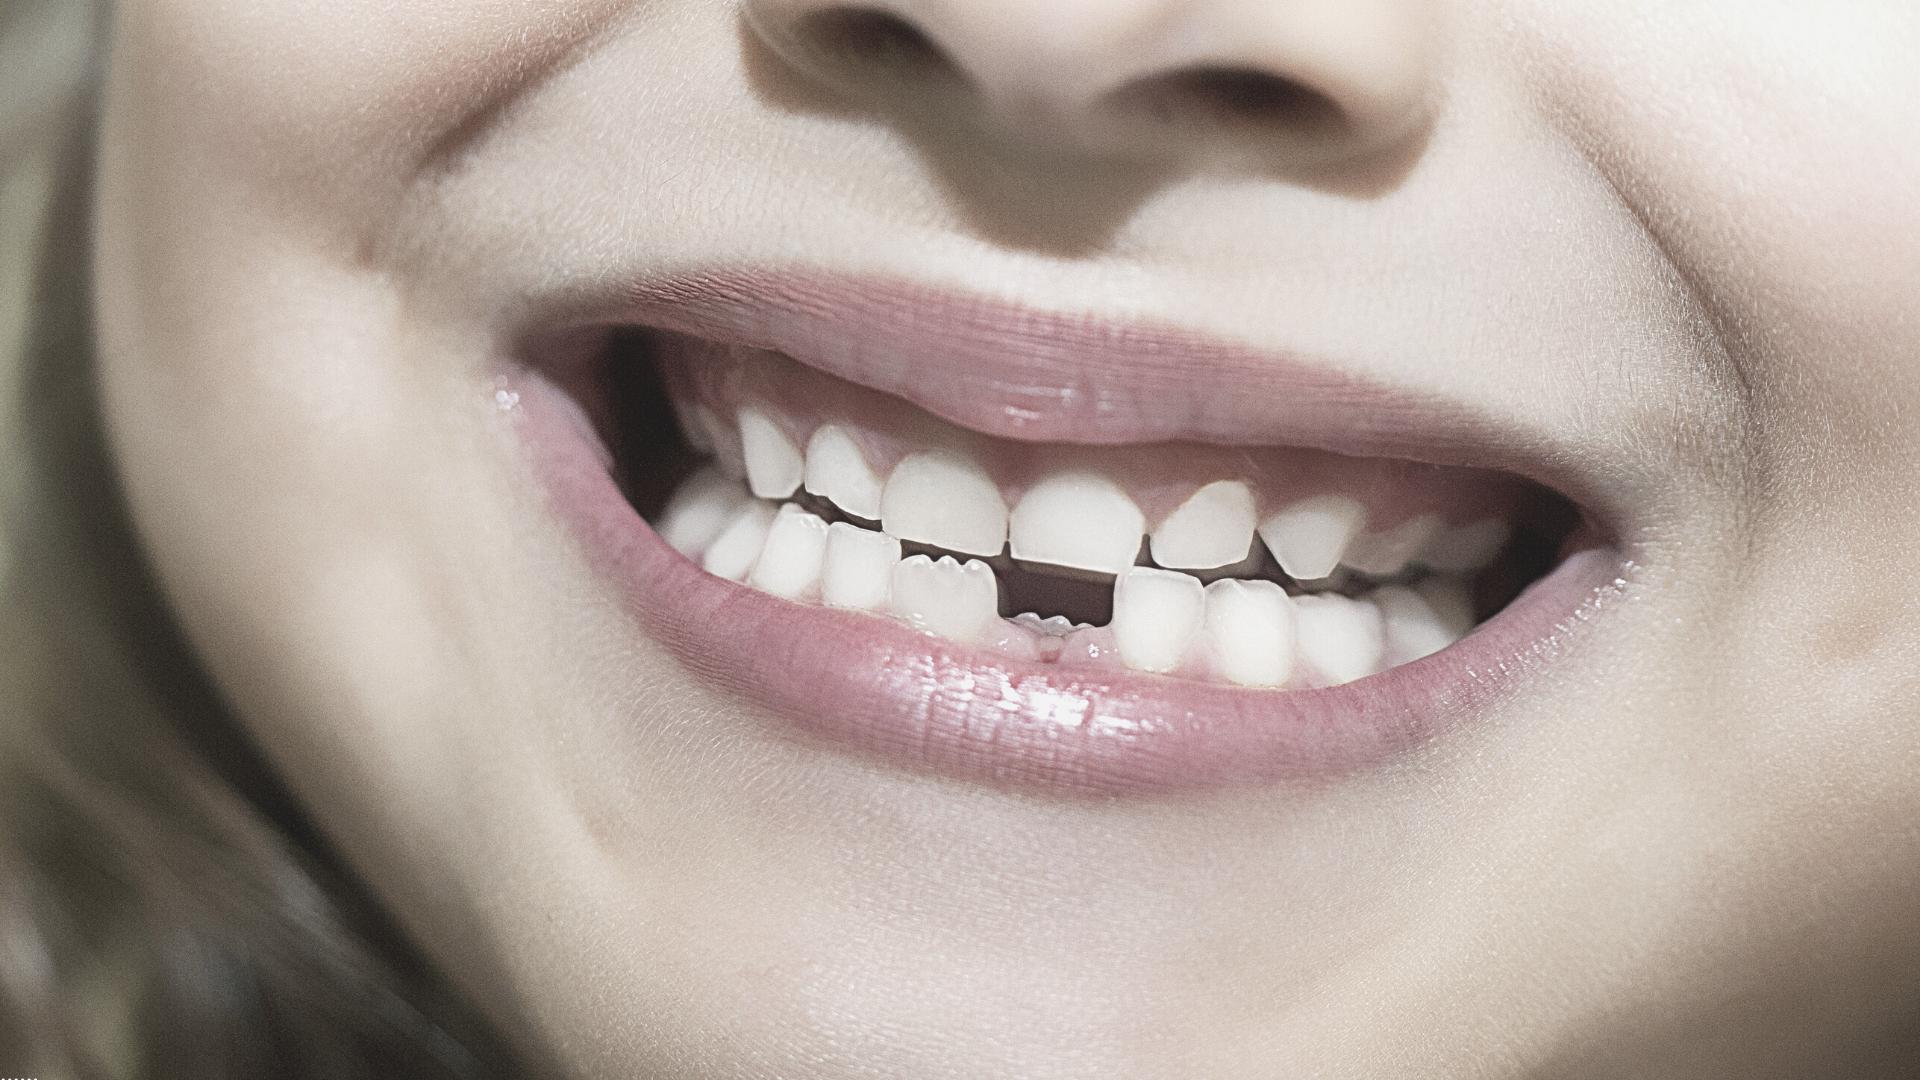 Qué es y cómo tratar la agenesia dental